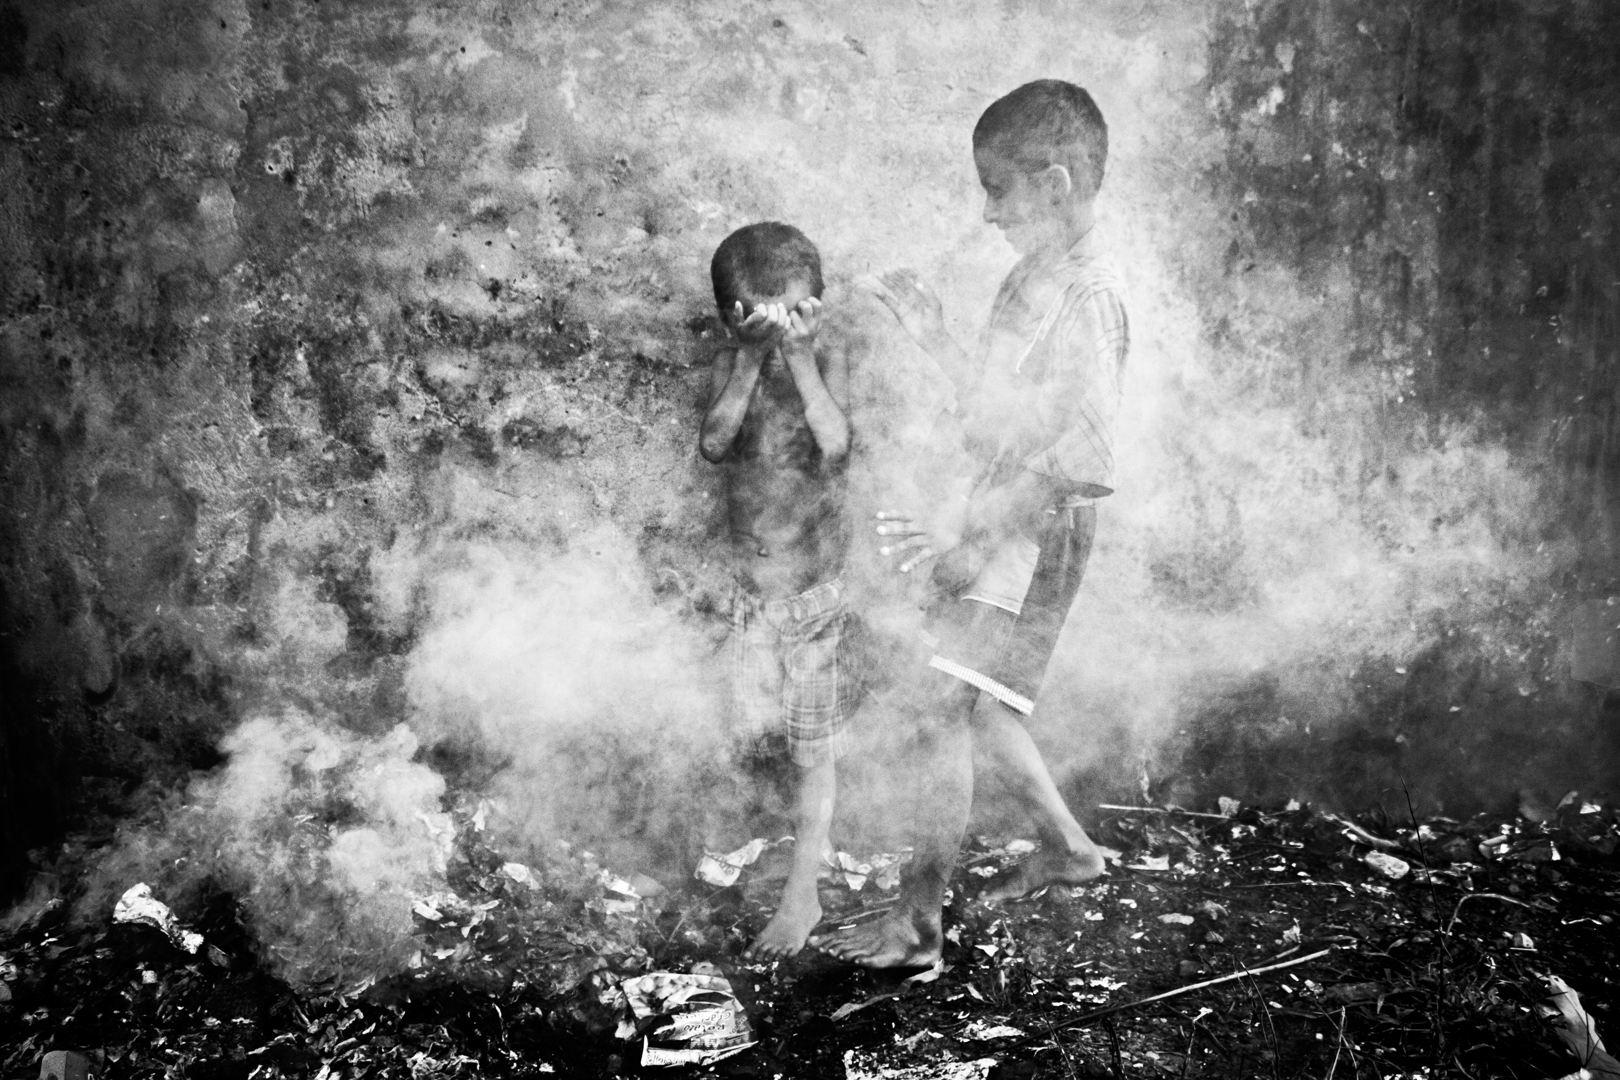 Hajléktalan kisfiúk játszanak a porban, Bangladesben (Fotó: Kazi Riasat Alve)